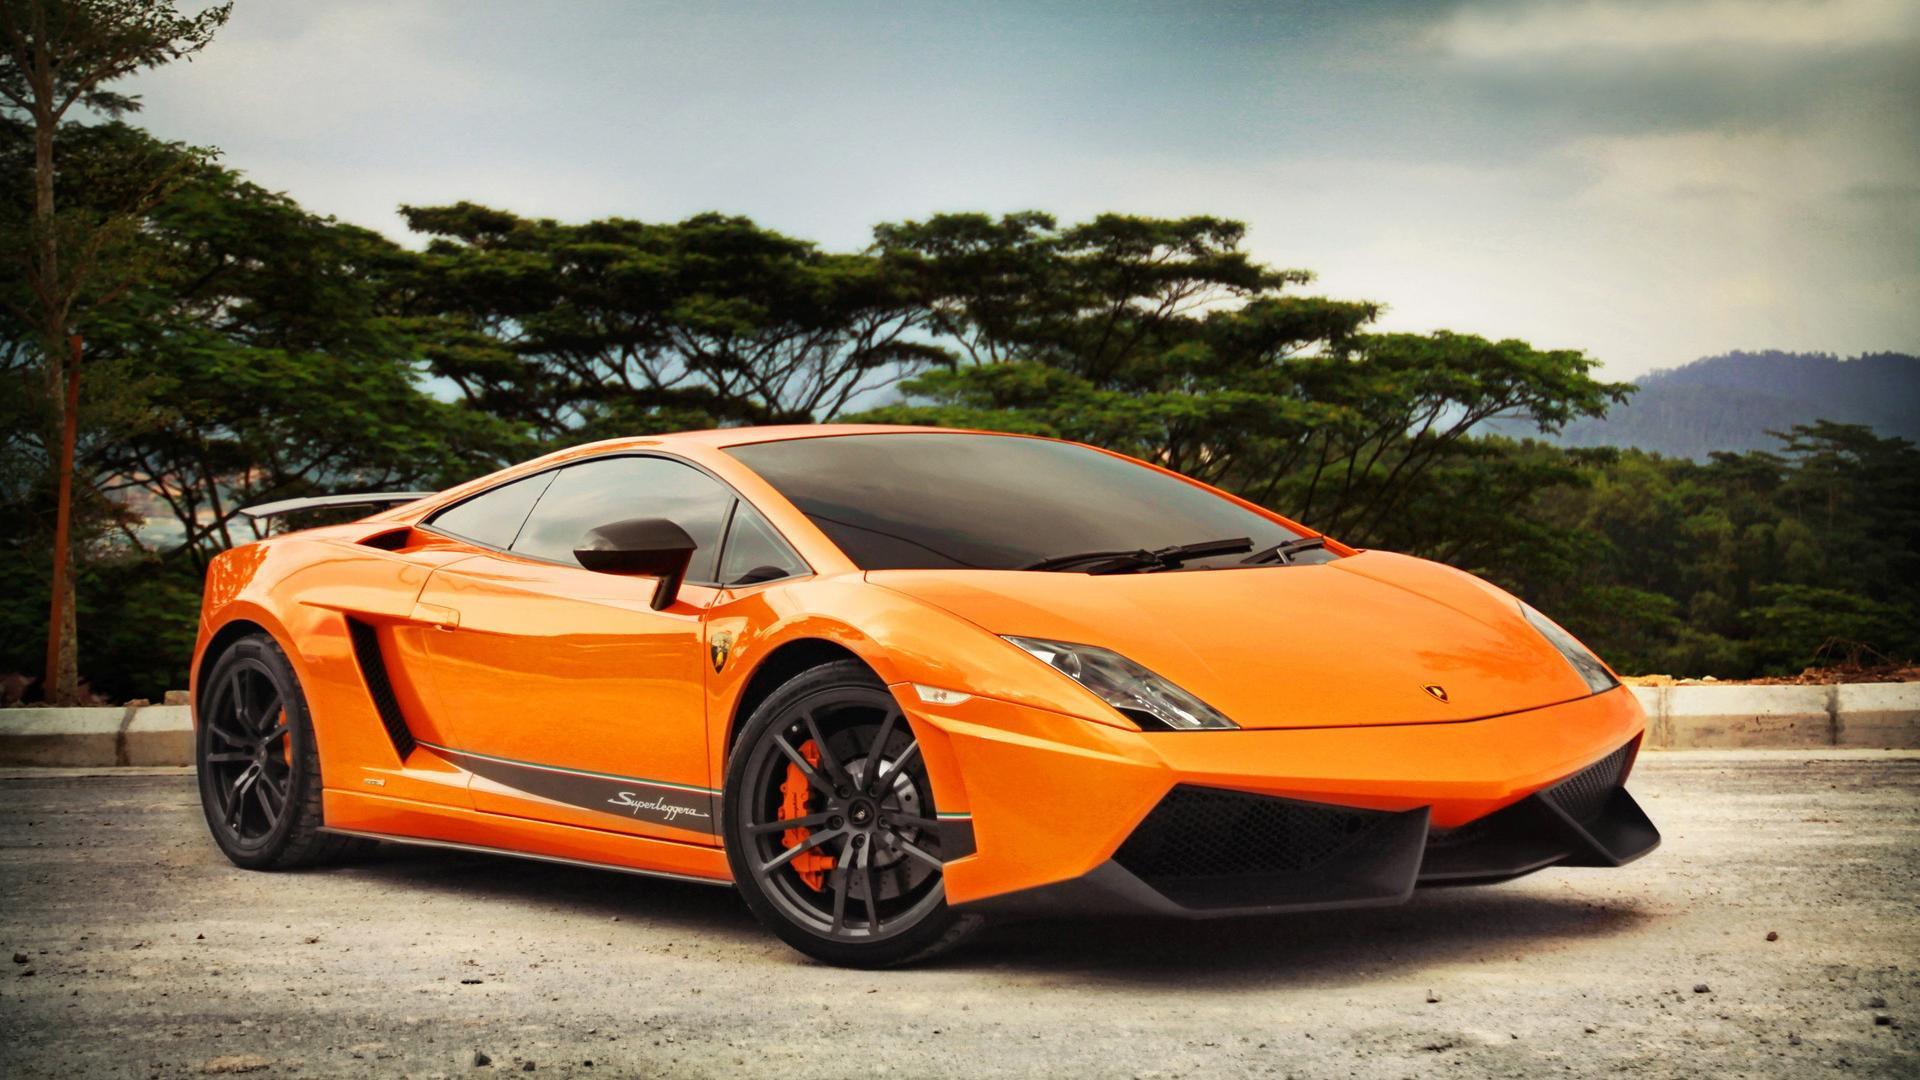 2016 Lamborghini Gallardo >> Download New Lamborghini Gallardo Sports Cars Hd Wallpaper Of Car